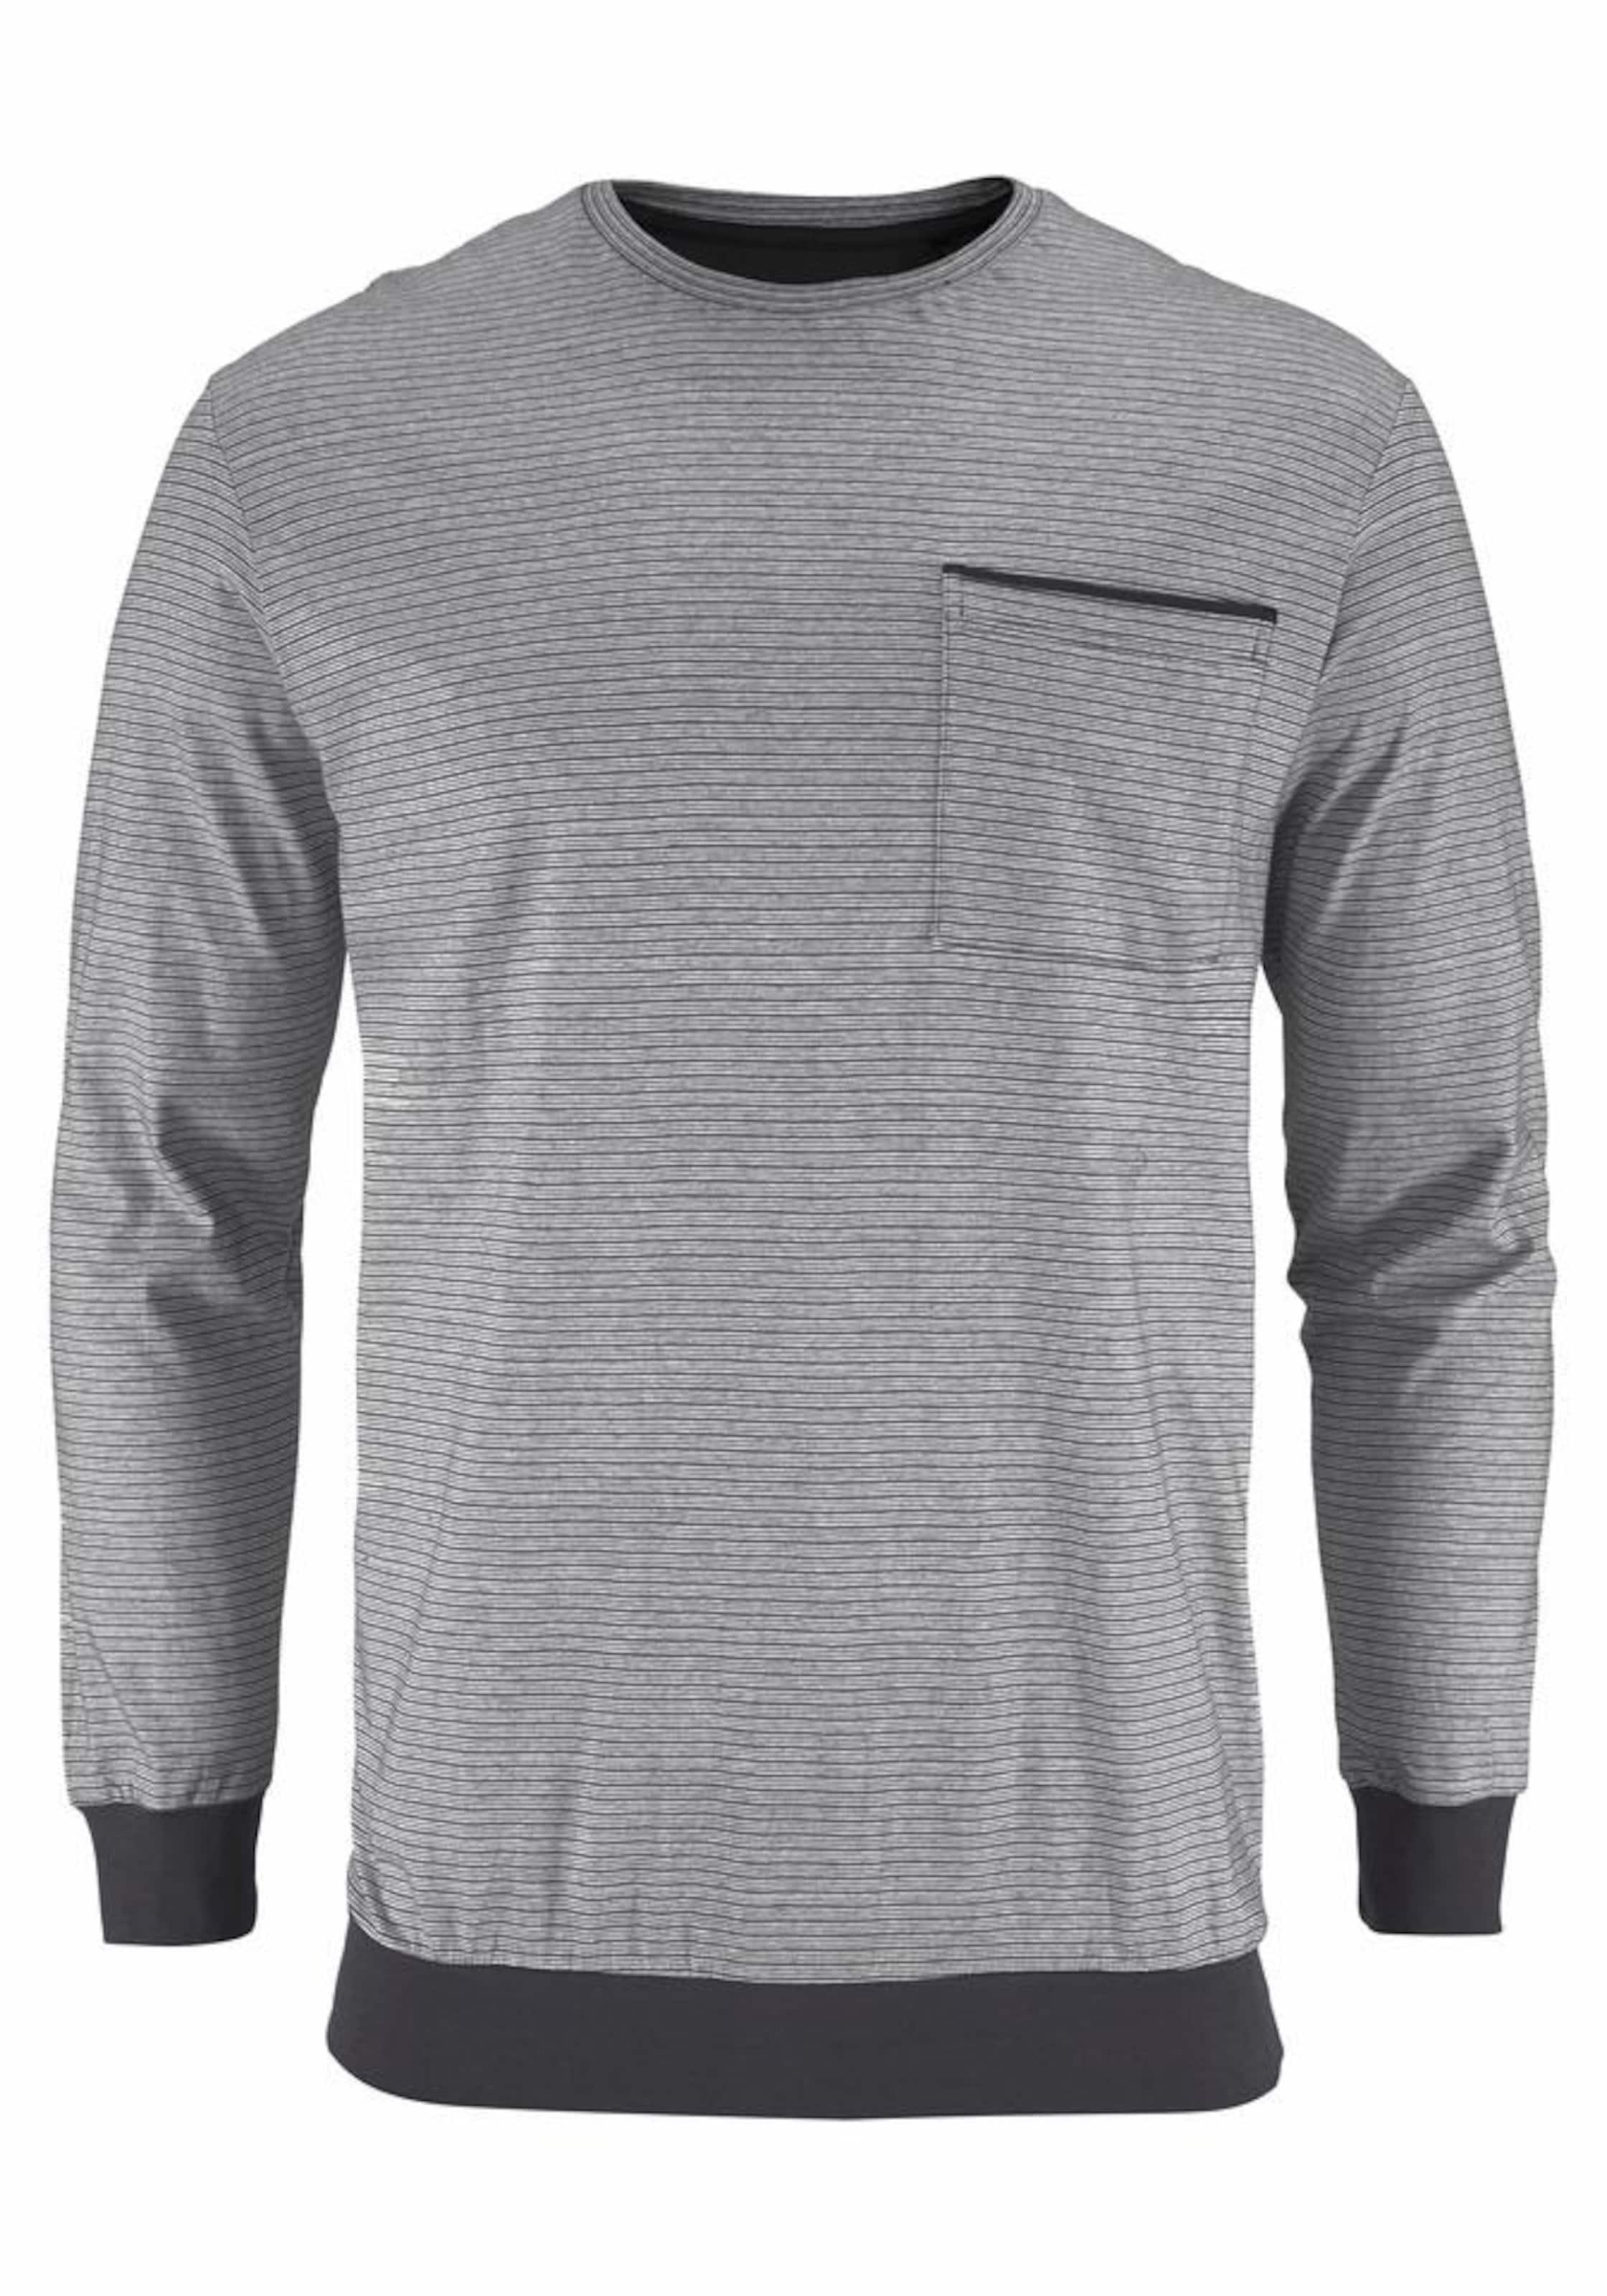 SCHIESSER Ringel Pyjama lang mit Brusttasche Zum Verkauf Offizieller Seite Niedrig Versandkosten Für Verkauf Outlet Kaufen Billig Authentische VUDhJEY